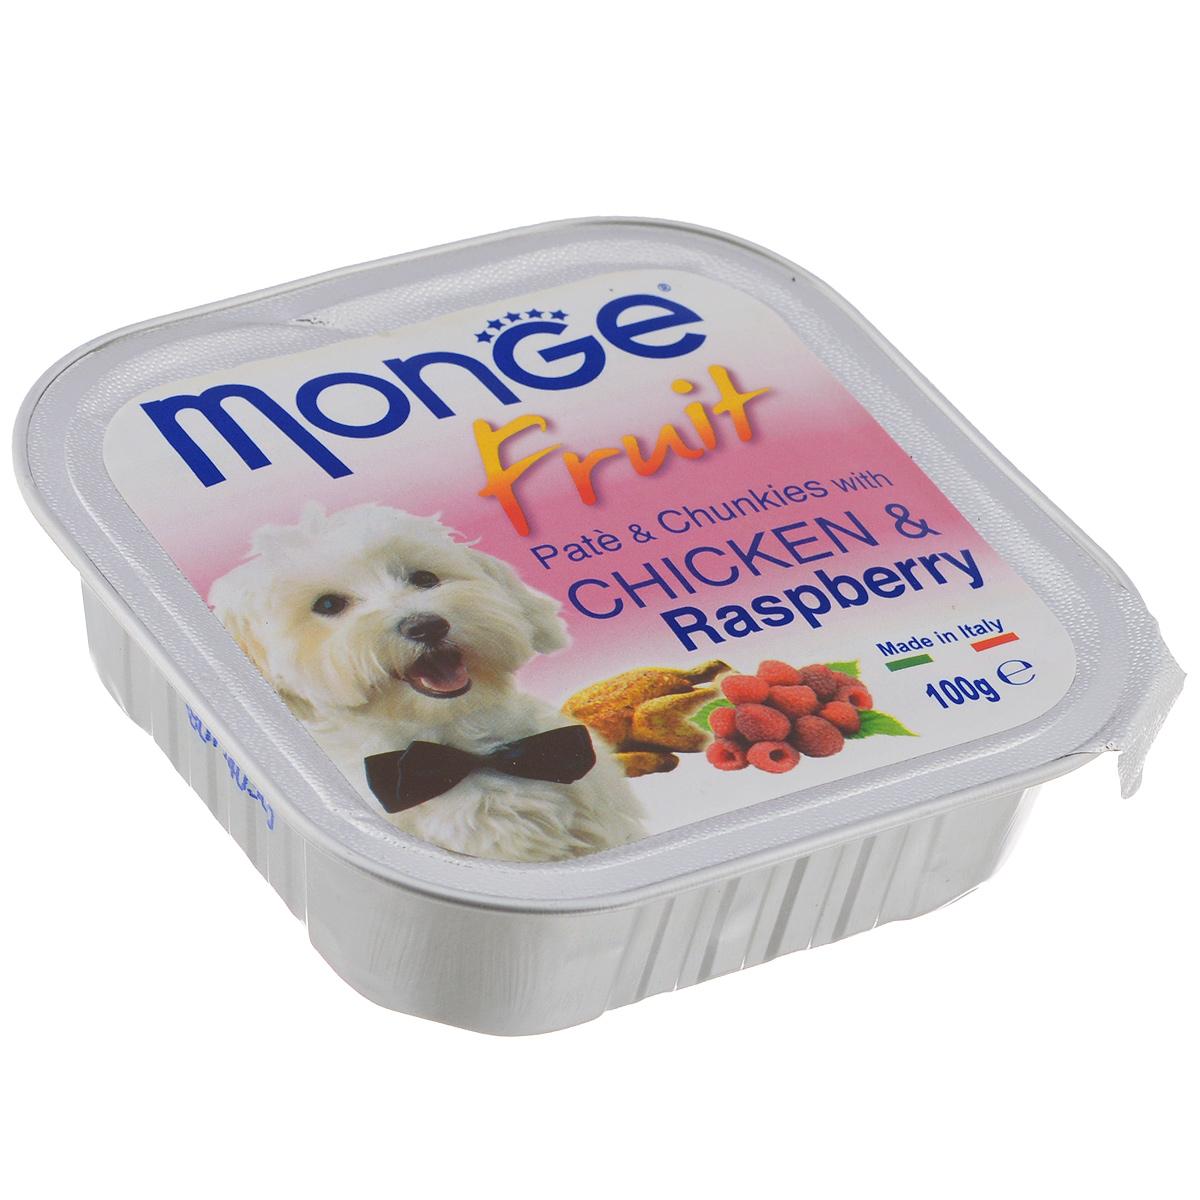 Консервы для собак Monge Fruit, курица с малиной, 100 г70013215Консервы для собак Monge Fruit - это полнорационный корм для собак. Паштет с курицей и малиной. Состав: свежее мясо 80% (содержание куриного мяса мин. 10%), малина 4%, минеральные вещества, витамины. Технологические добавки: загустители и желирующие вещества. Анализ компонентов: белок 8,5%, жир 7%, сырая клетчатка 0,5%, сырая зола 2,2%, влажность 80%. Витамины и добавки на 1 кг: витамин А 3000 МЕ, витамин D3 400 МЕ, витамин Е 15 мг. Товар сертифицирован.